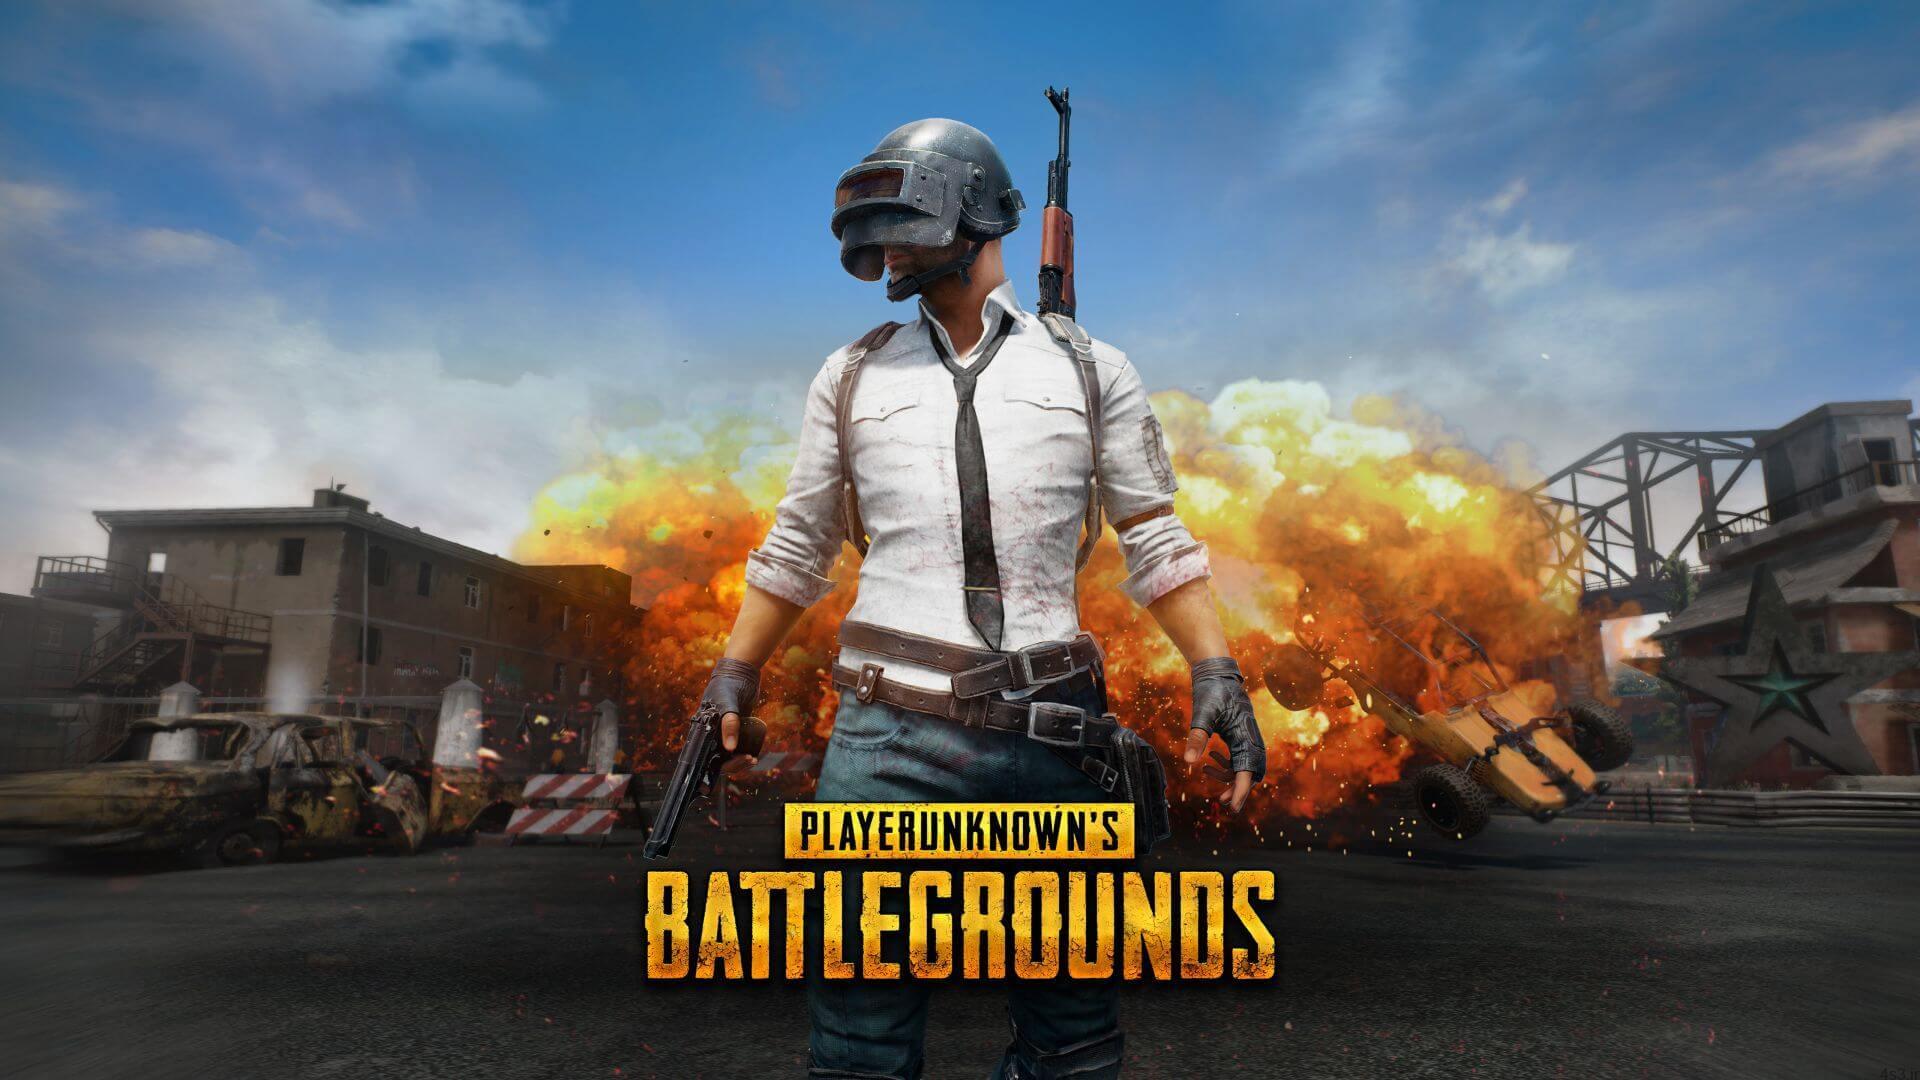 5 13 - دانلود PlayerUnknown's Battlegrounds PS4, XBOXONE - بازی میدان نبرد بازیکنان ناشناخته